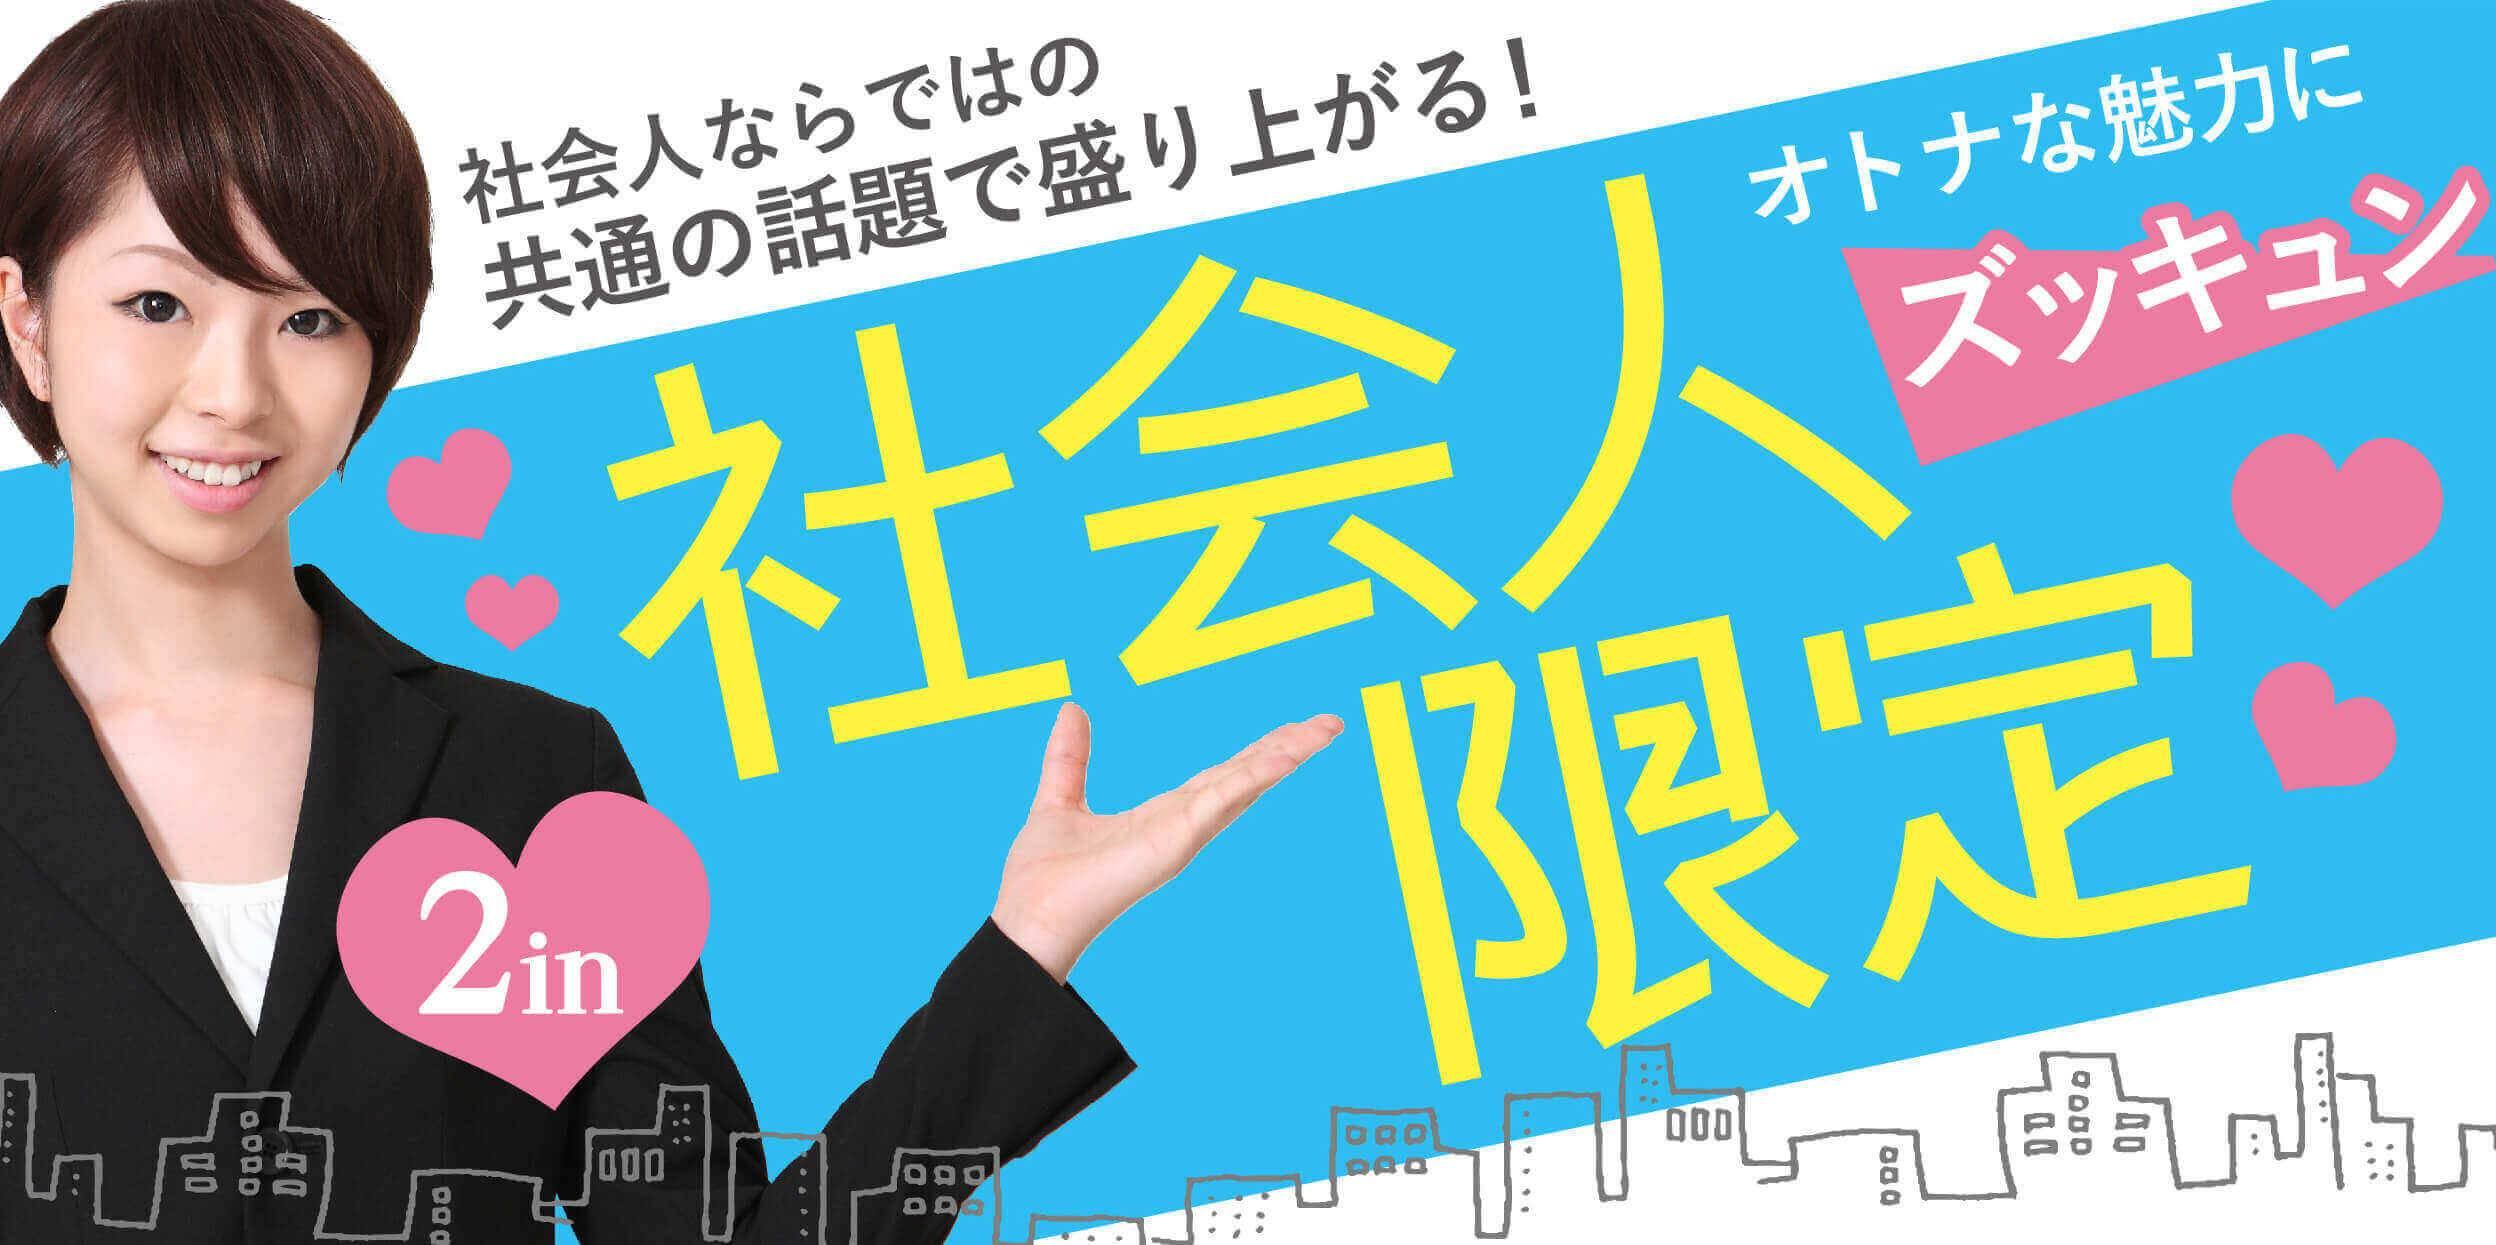 9月1日(金)素敵な大人の社会人限定コンin広島〜初参加・一人参加に大人気★社会人同士だからこそできる話もたくさん〜